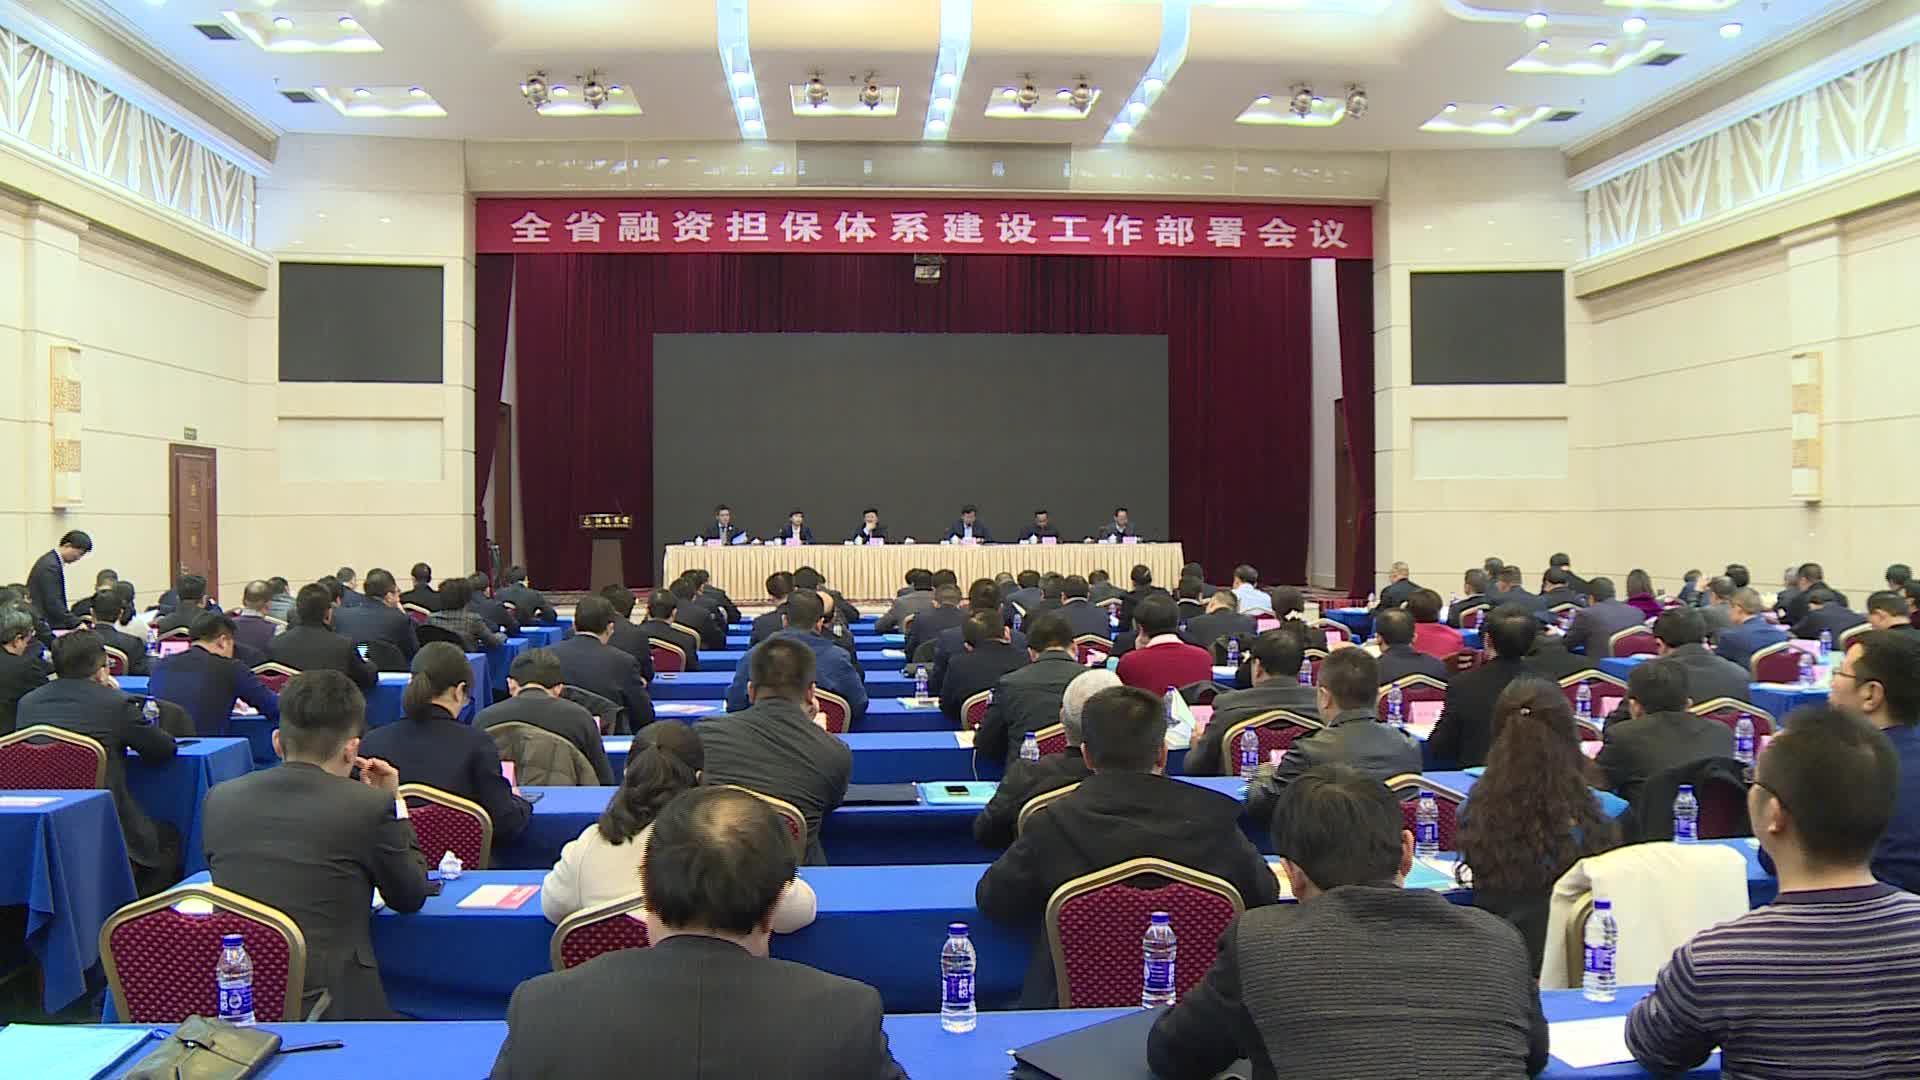 十三五末 湖南省融资担保行业在保余额将超1000亿元